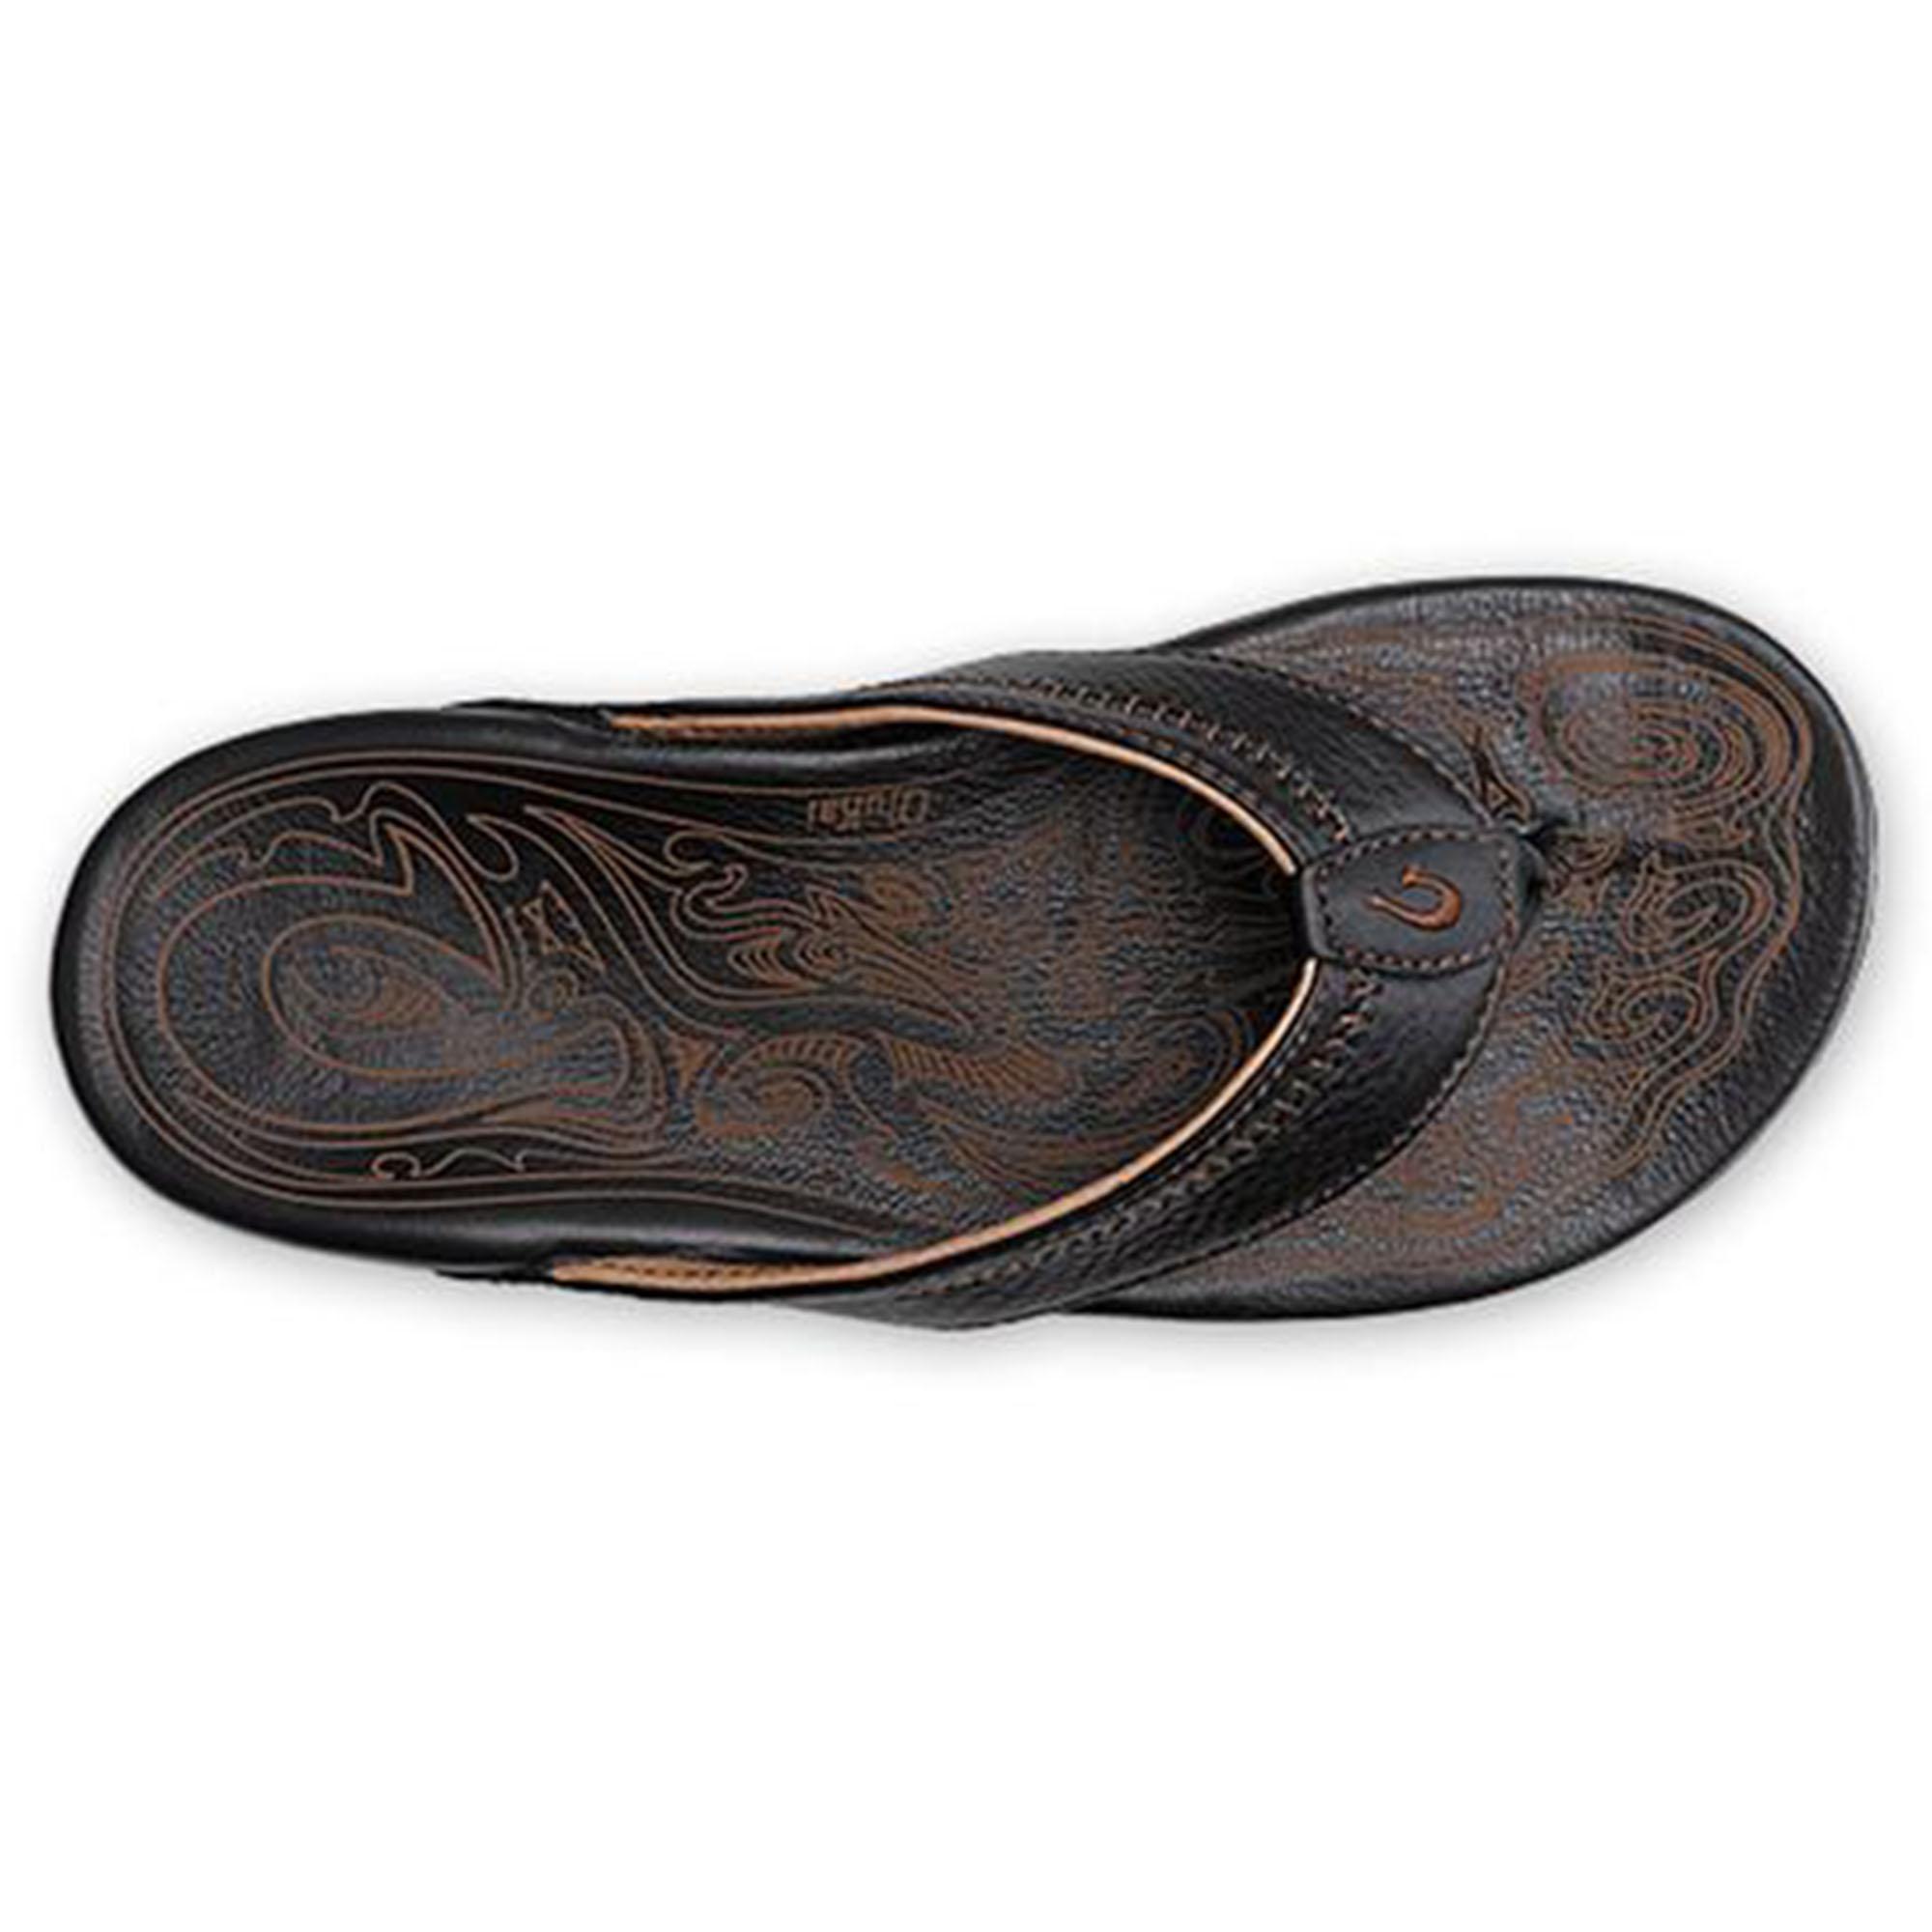 621bf9f04 Olukai Men's Hiapo Sandals - Sun & Ski Sports